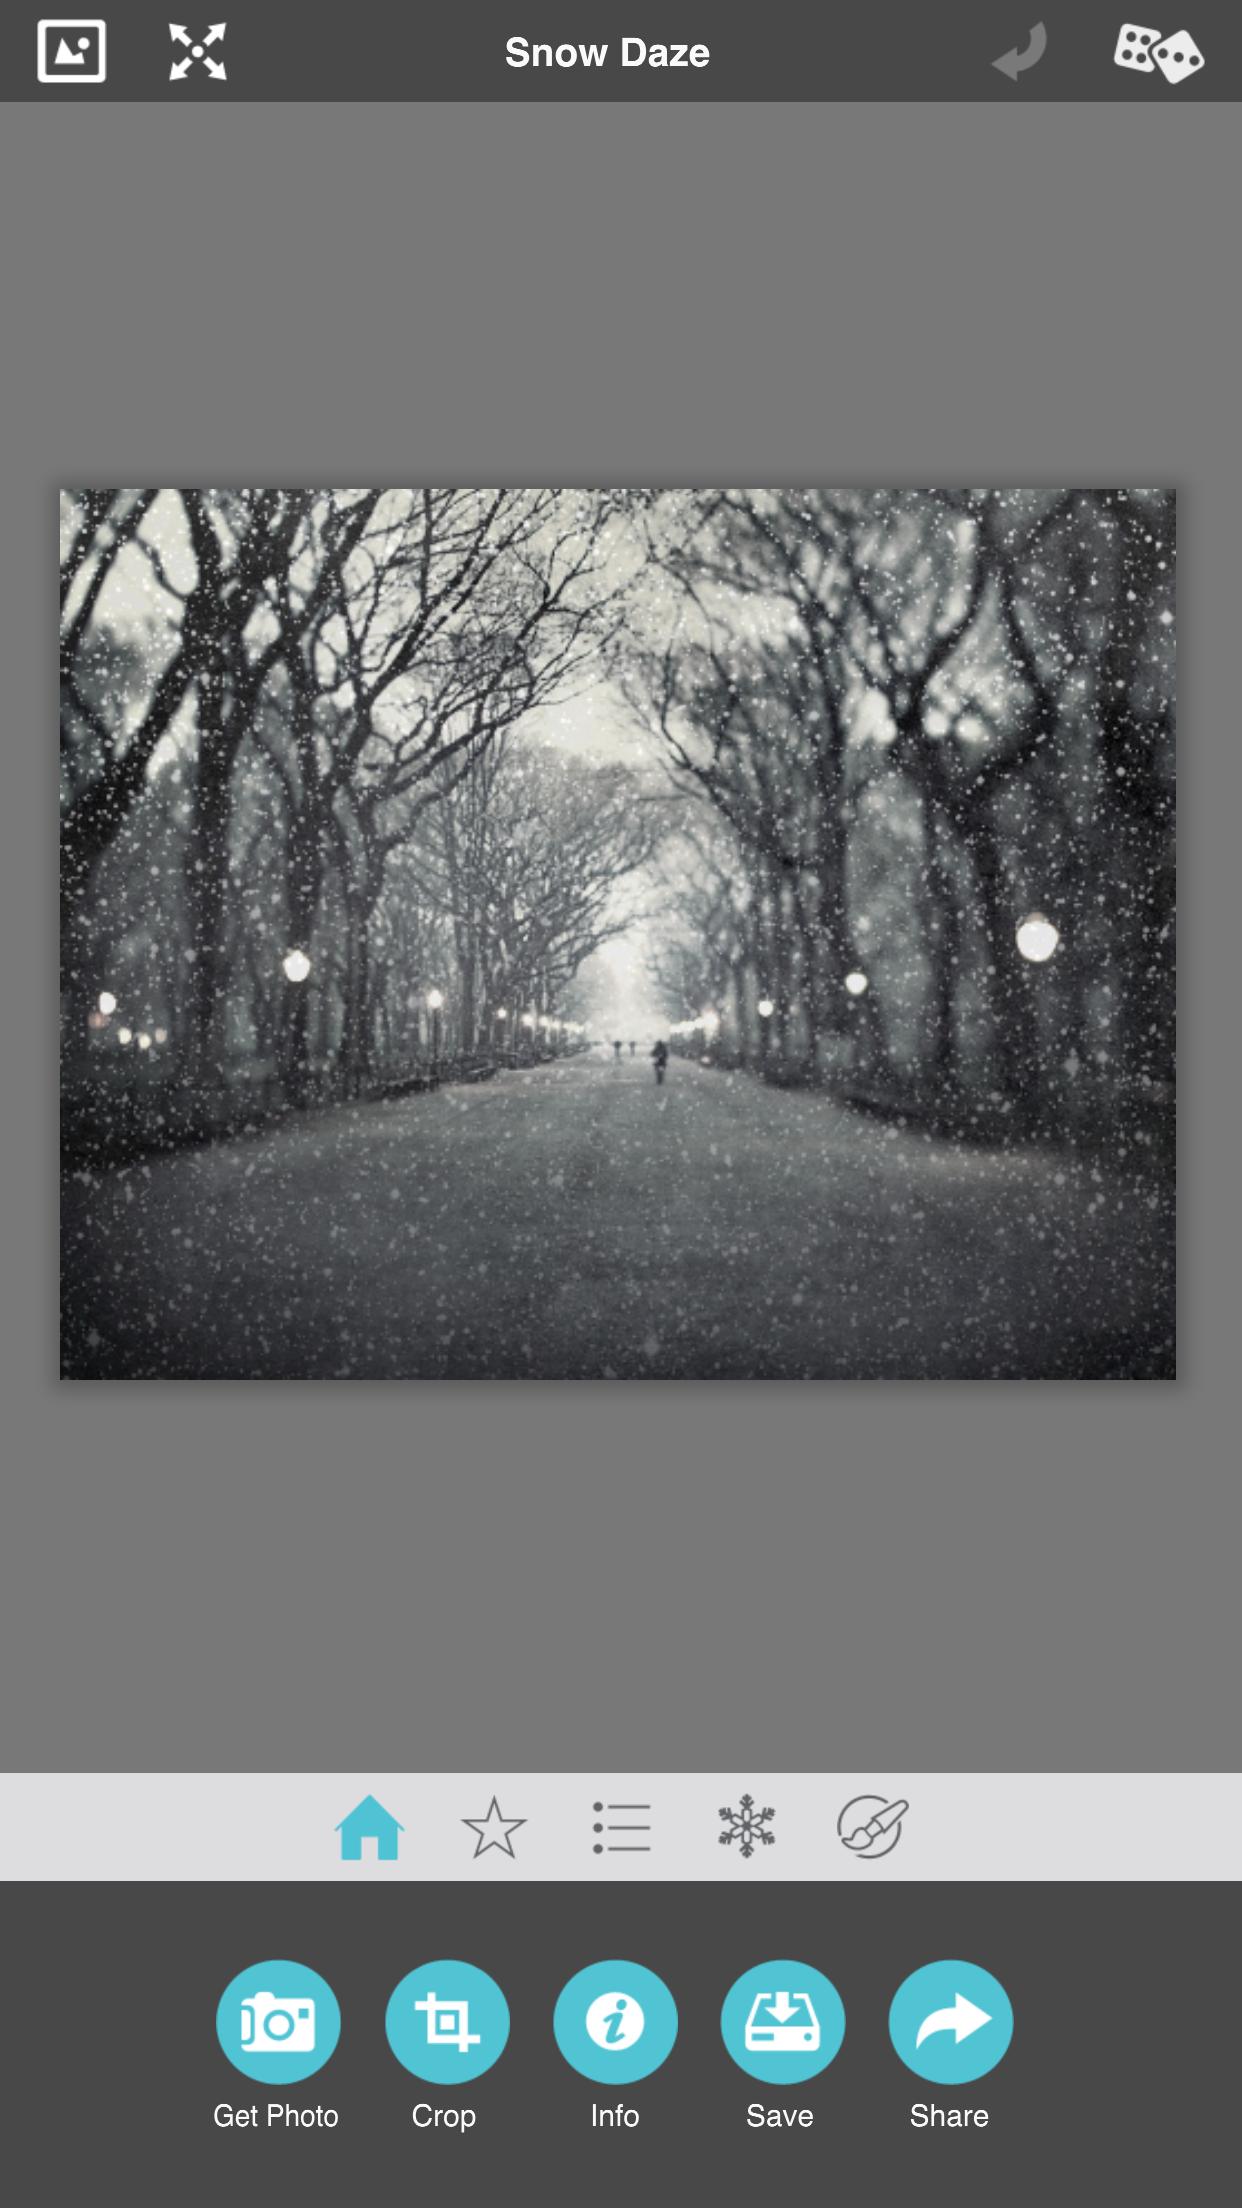 aturdir la nieve cargar fotografía y agregar efectos 1